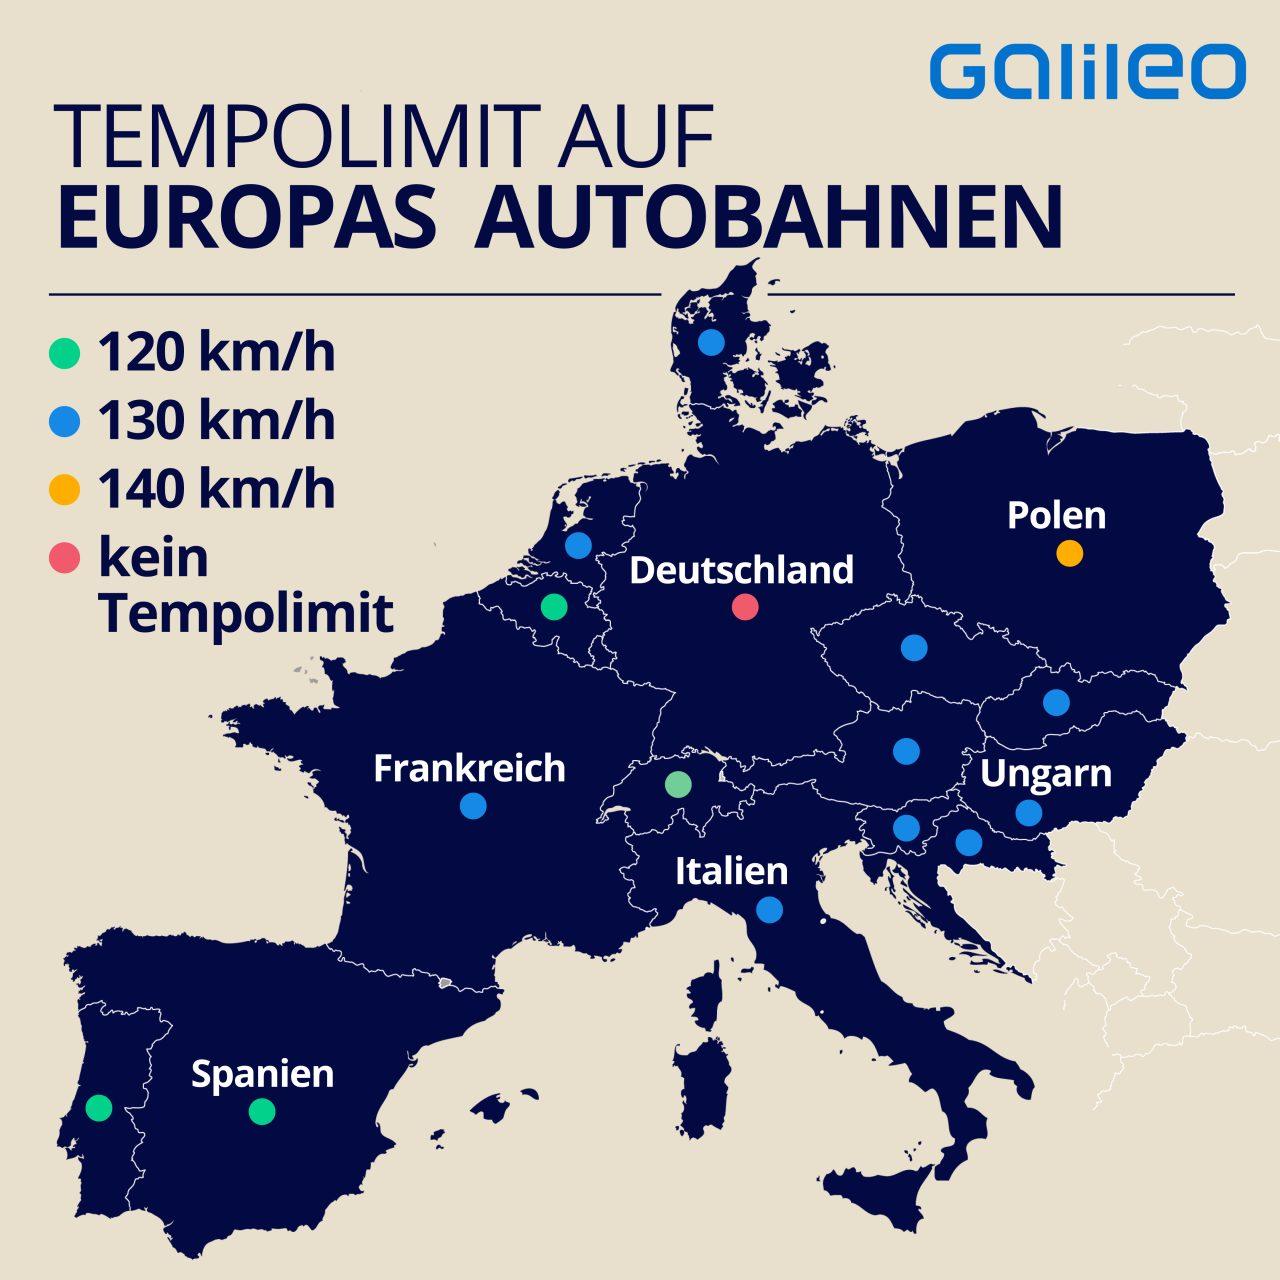 Tempolimit auf Europas Autobahnen